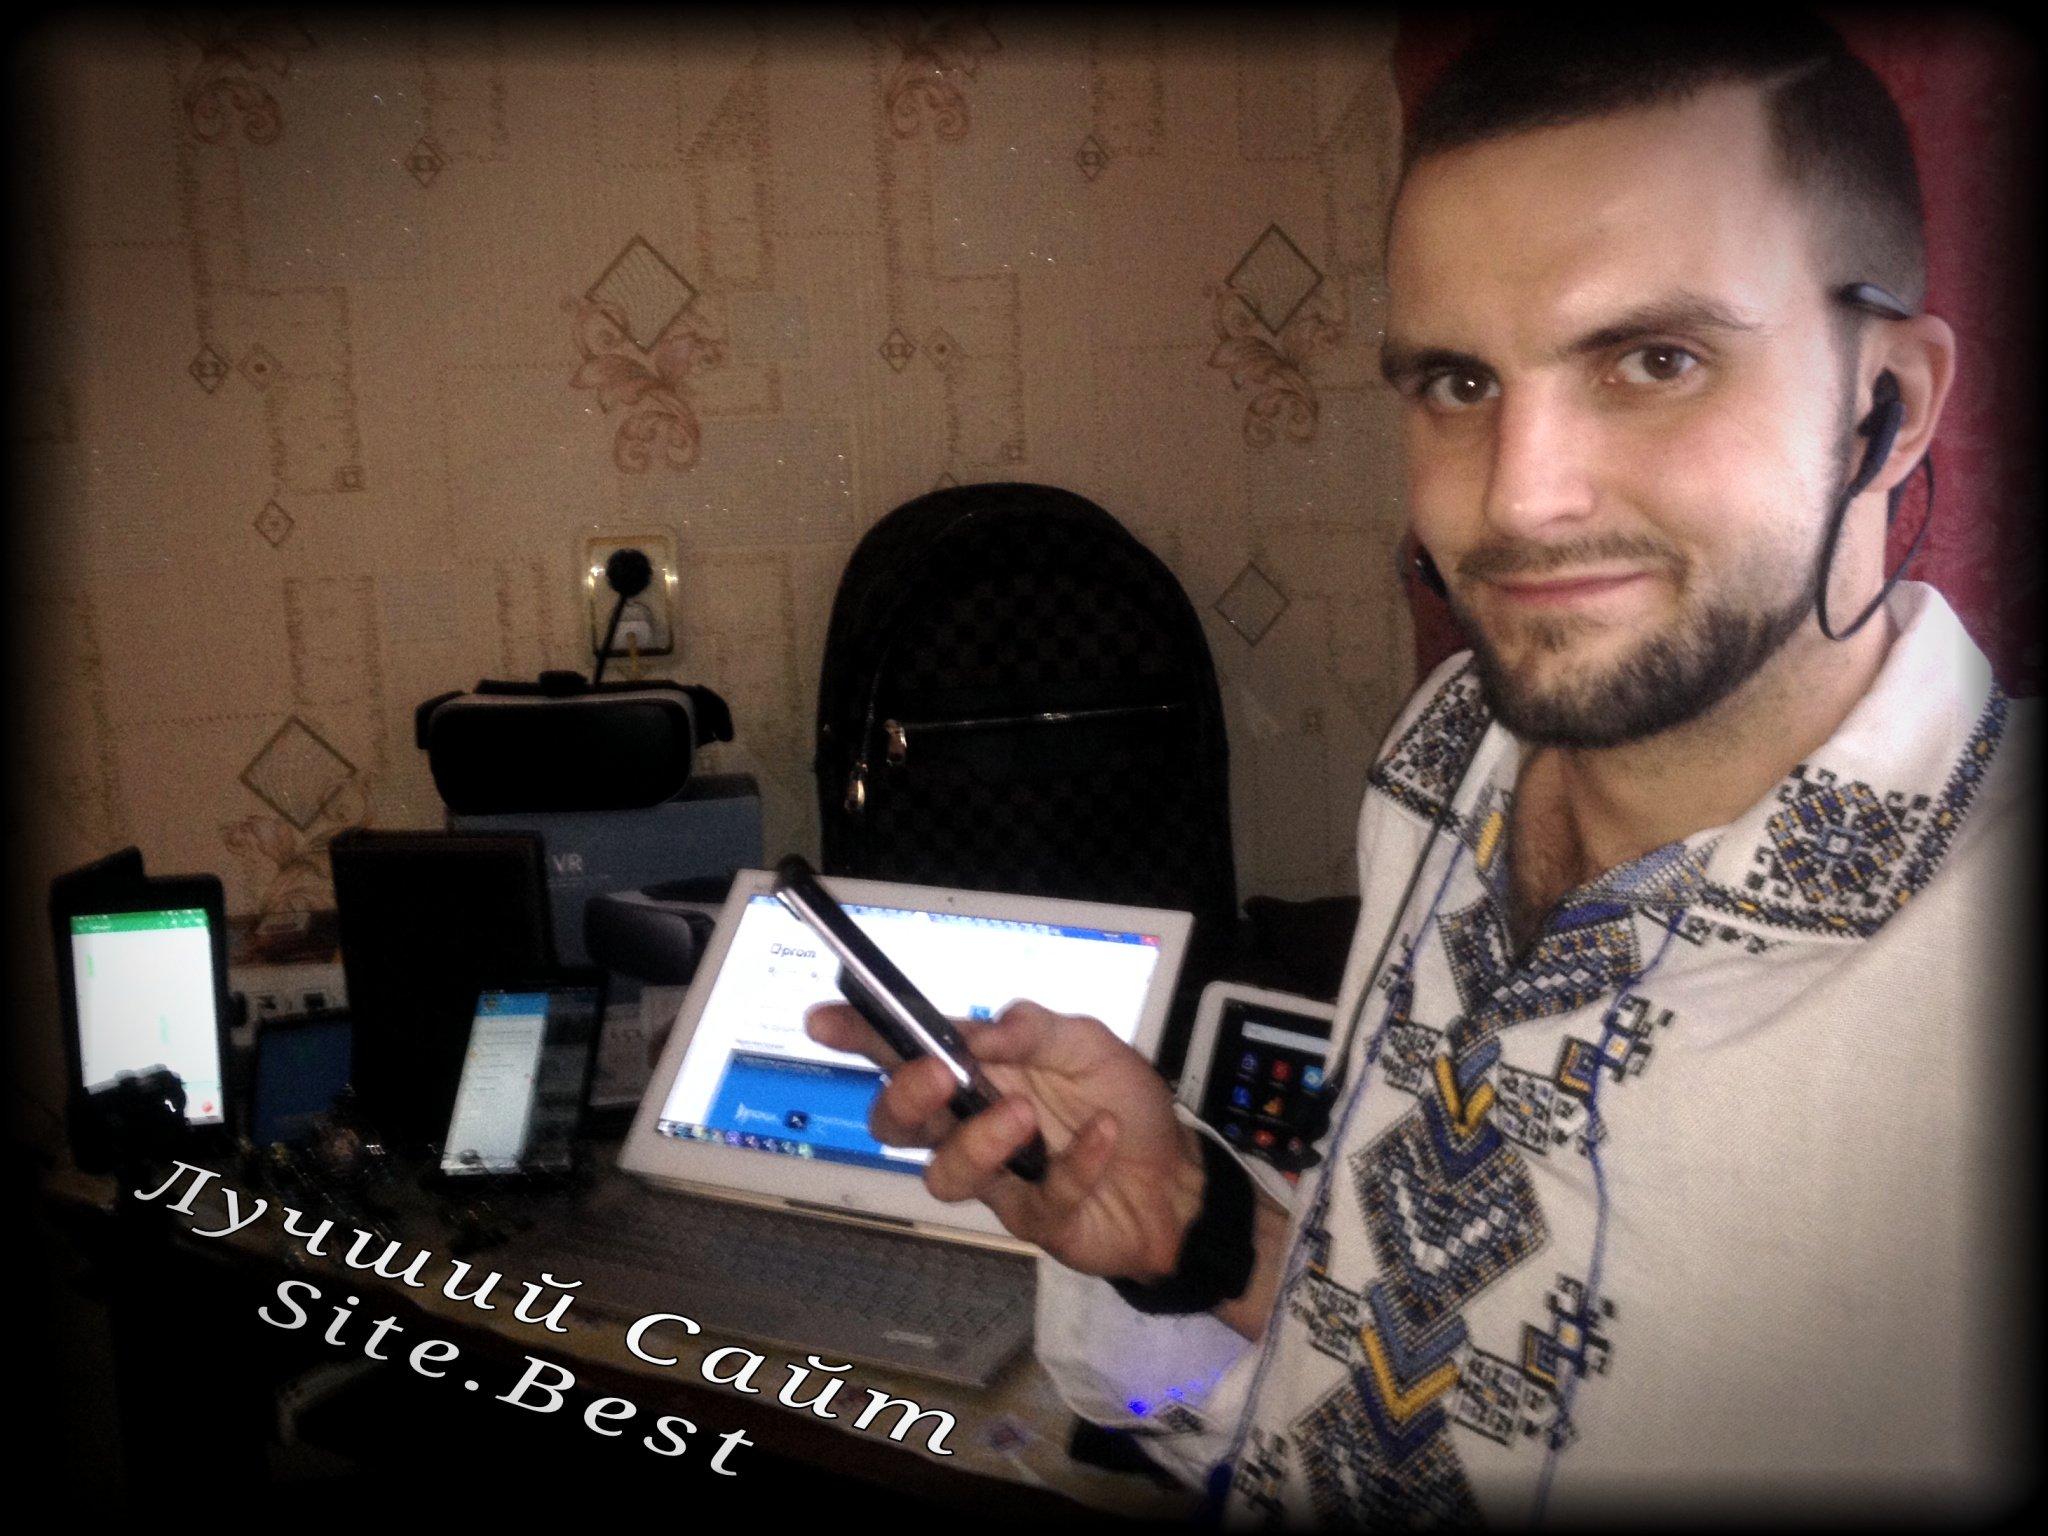 Интернет бизнес, идеи проектов, создание сайтов, продвижение брендов в сети - Алексей Королев